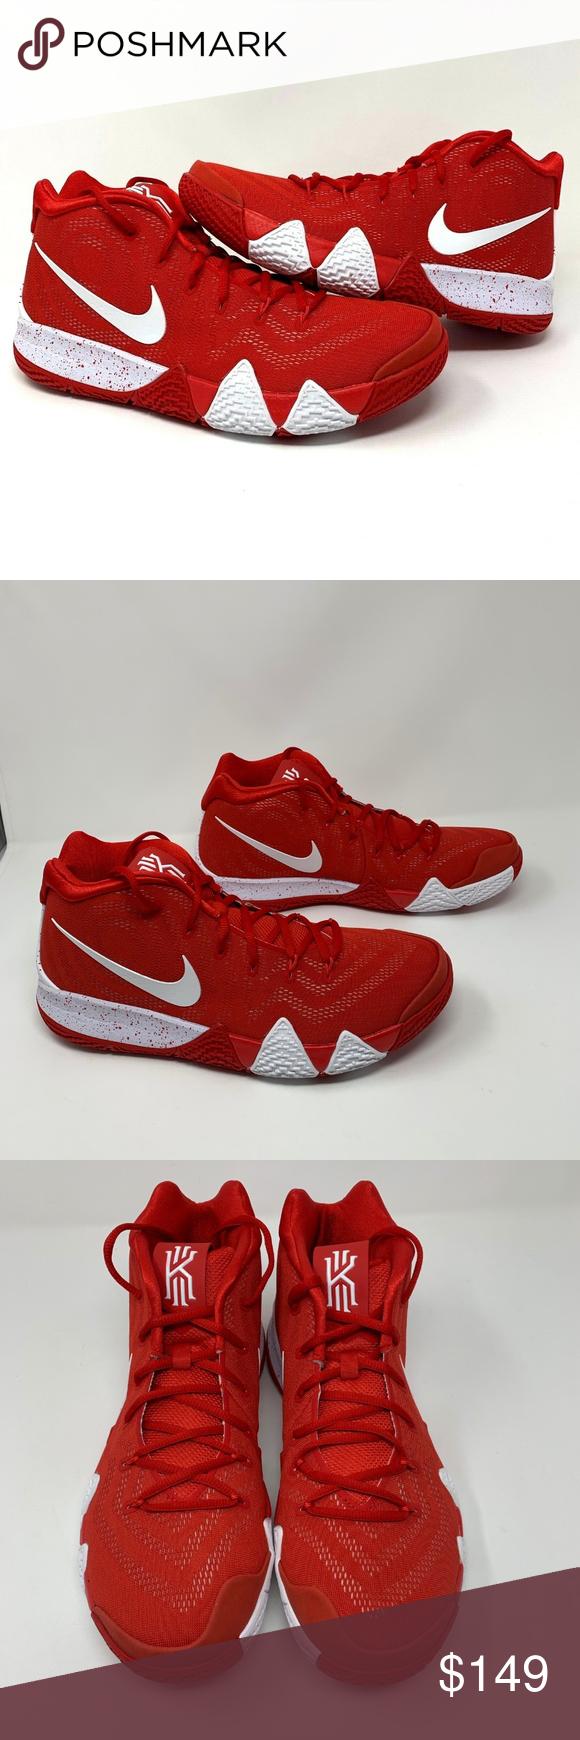 kyrie 4 team red